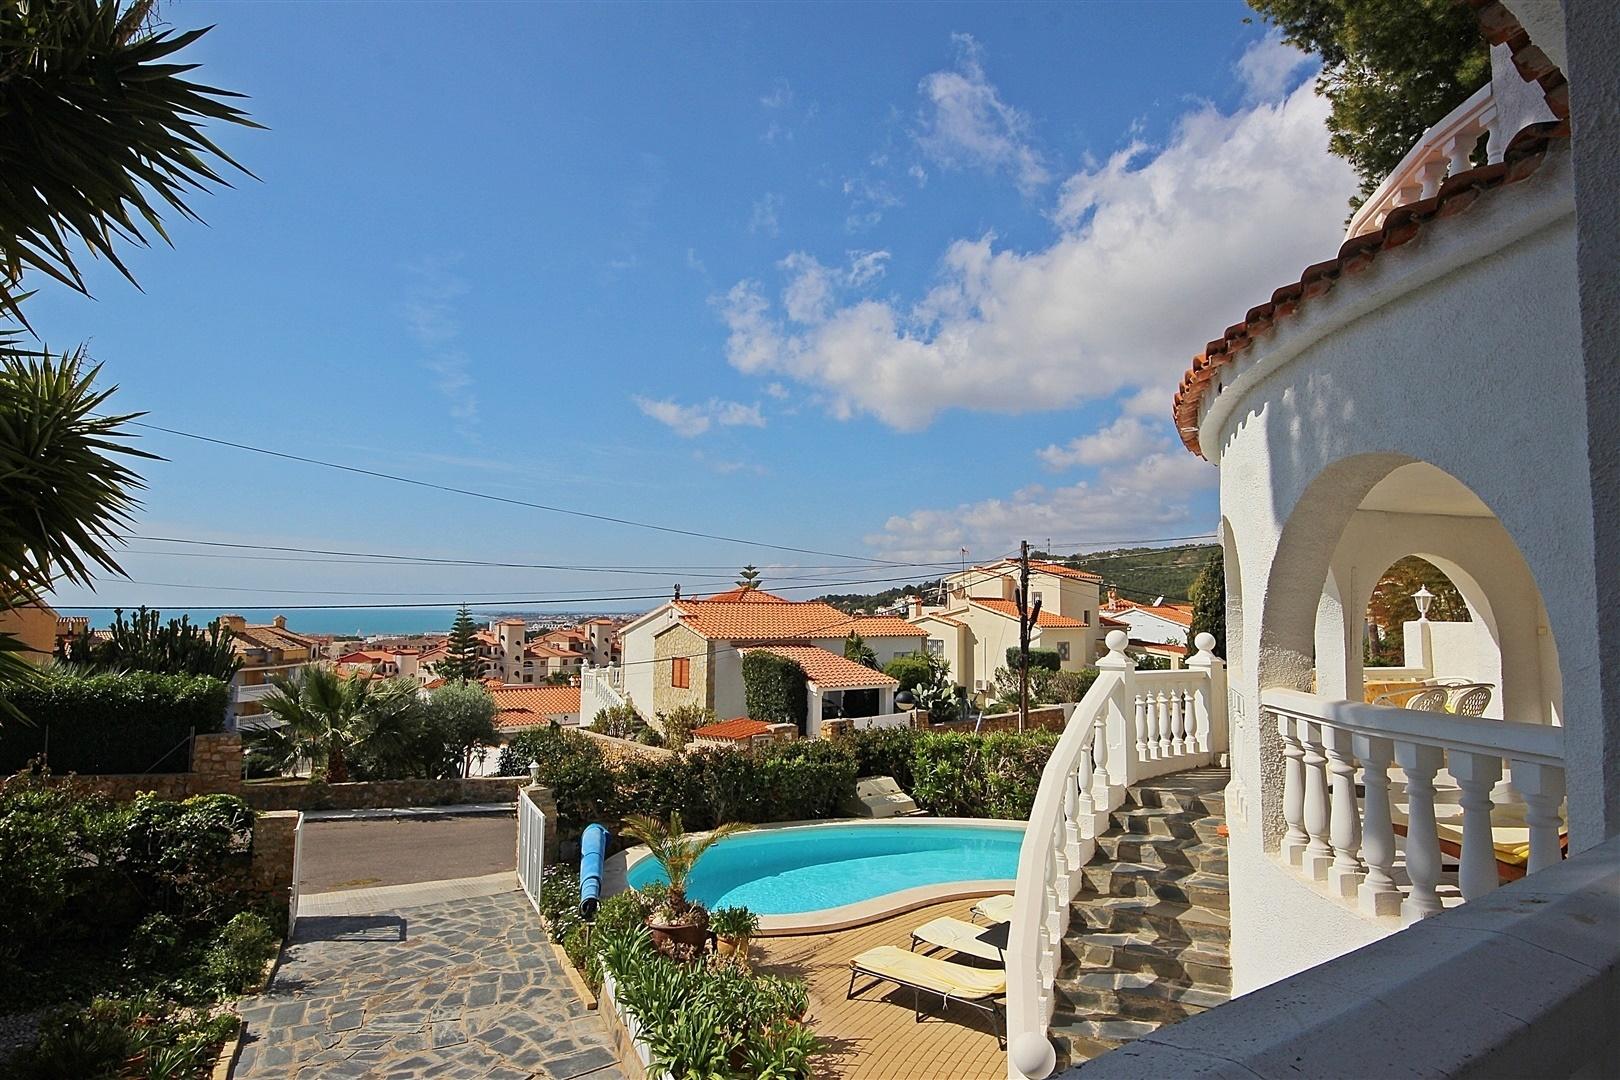 Prachtige Spaanse villa met verwarmd privé zwembad en zeezicht